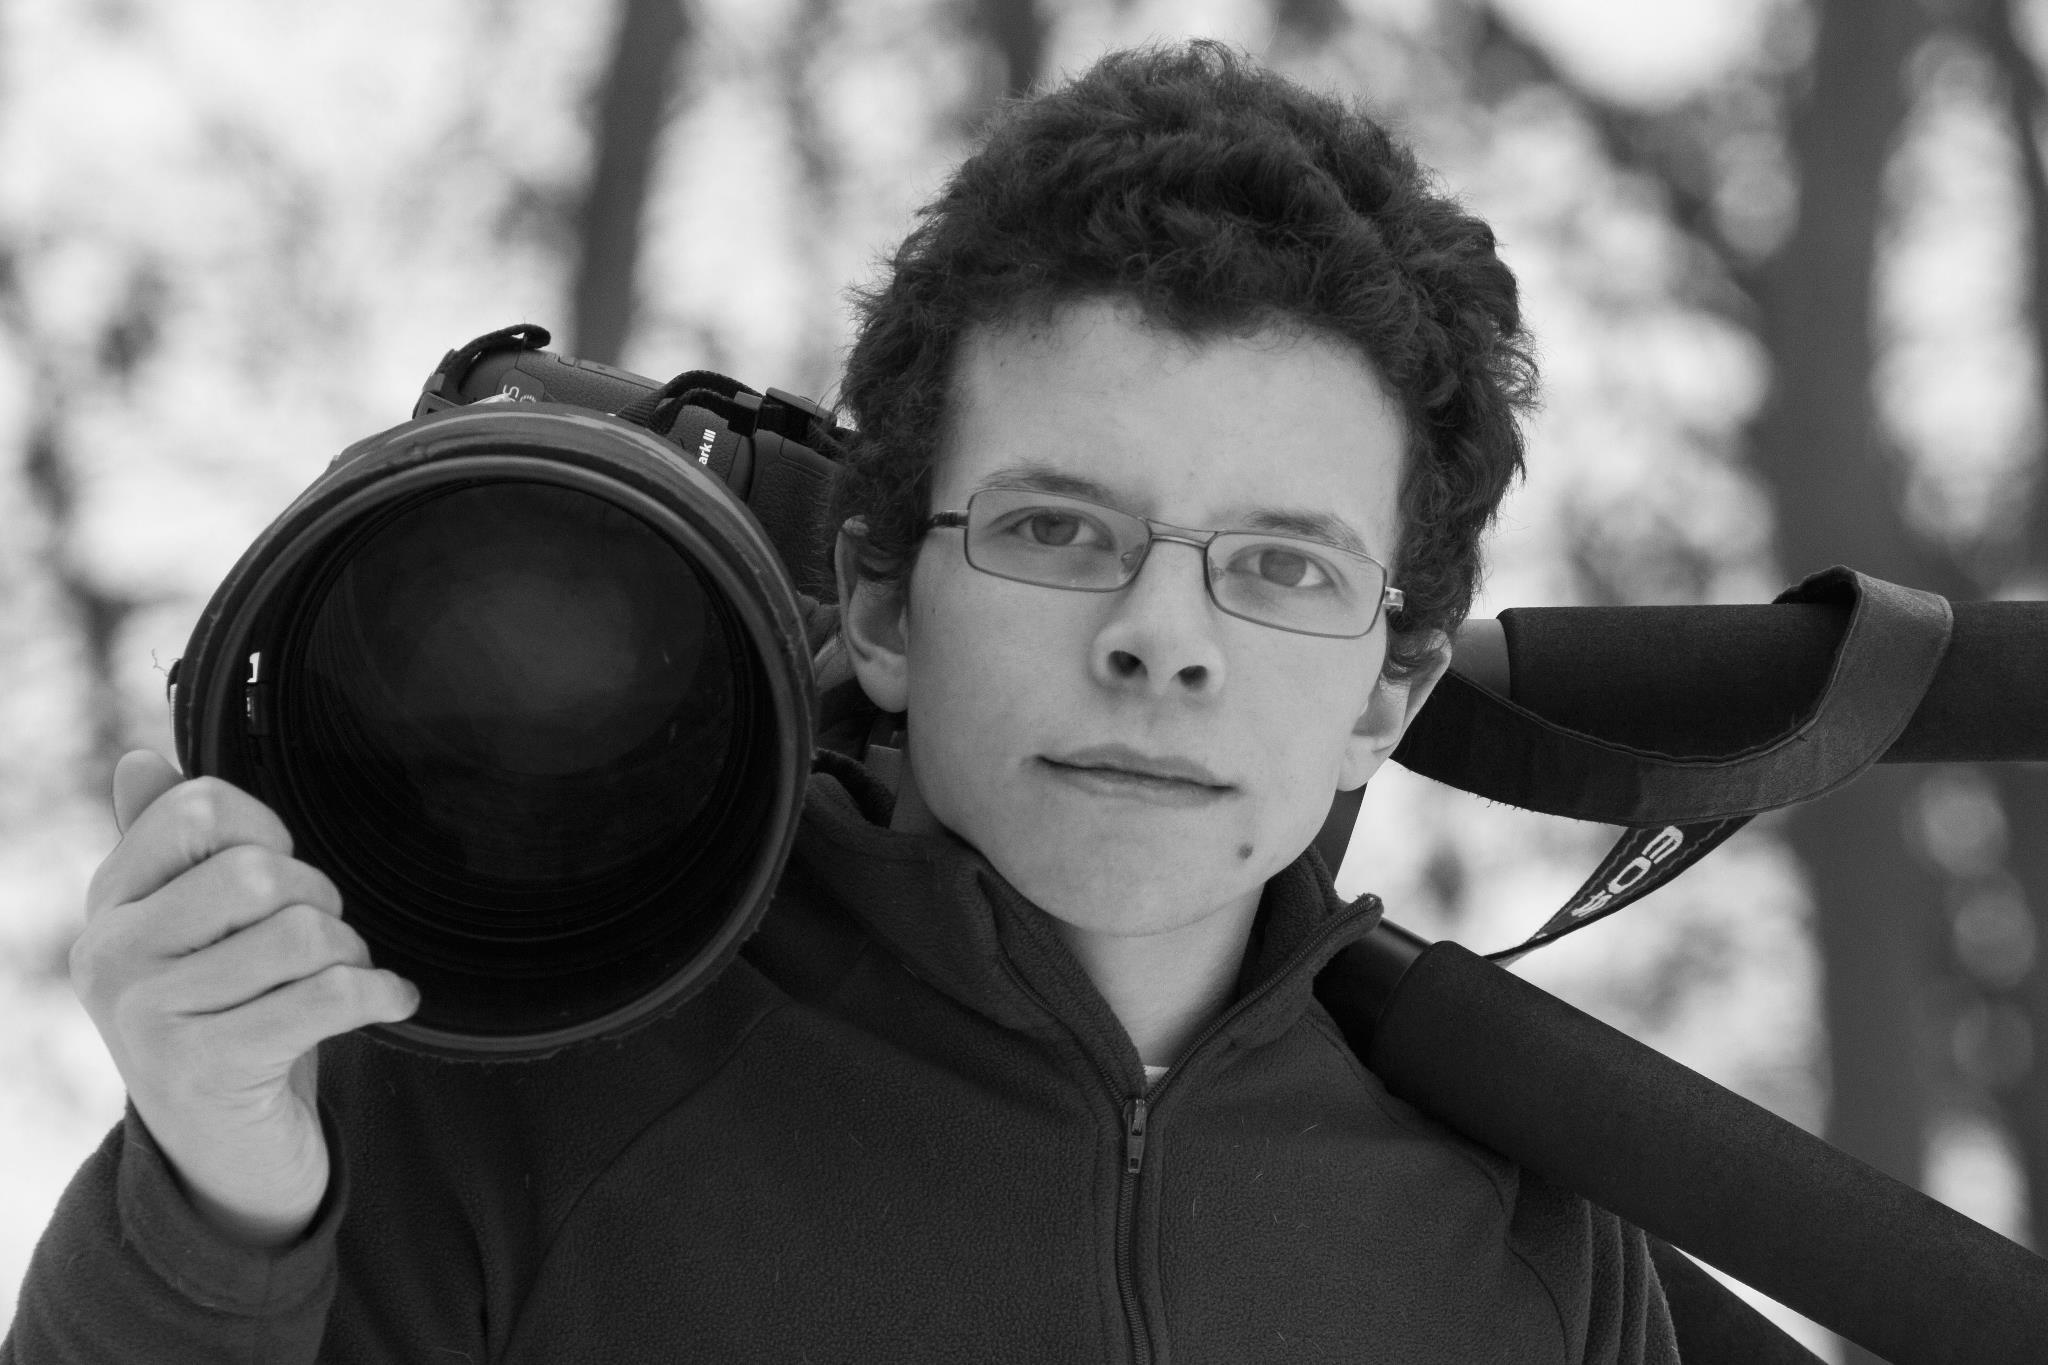 Michel d'Oultremont - Photographe naturaliste - KAZoART